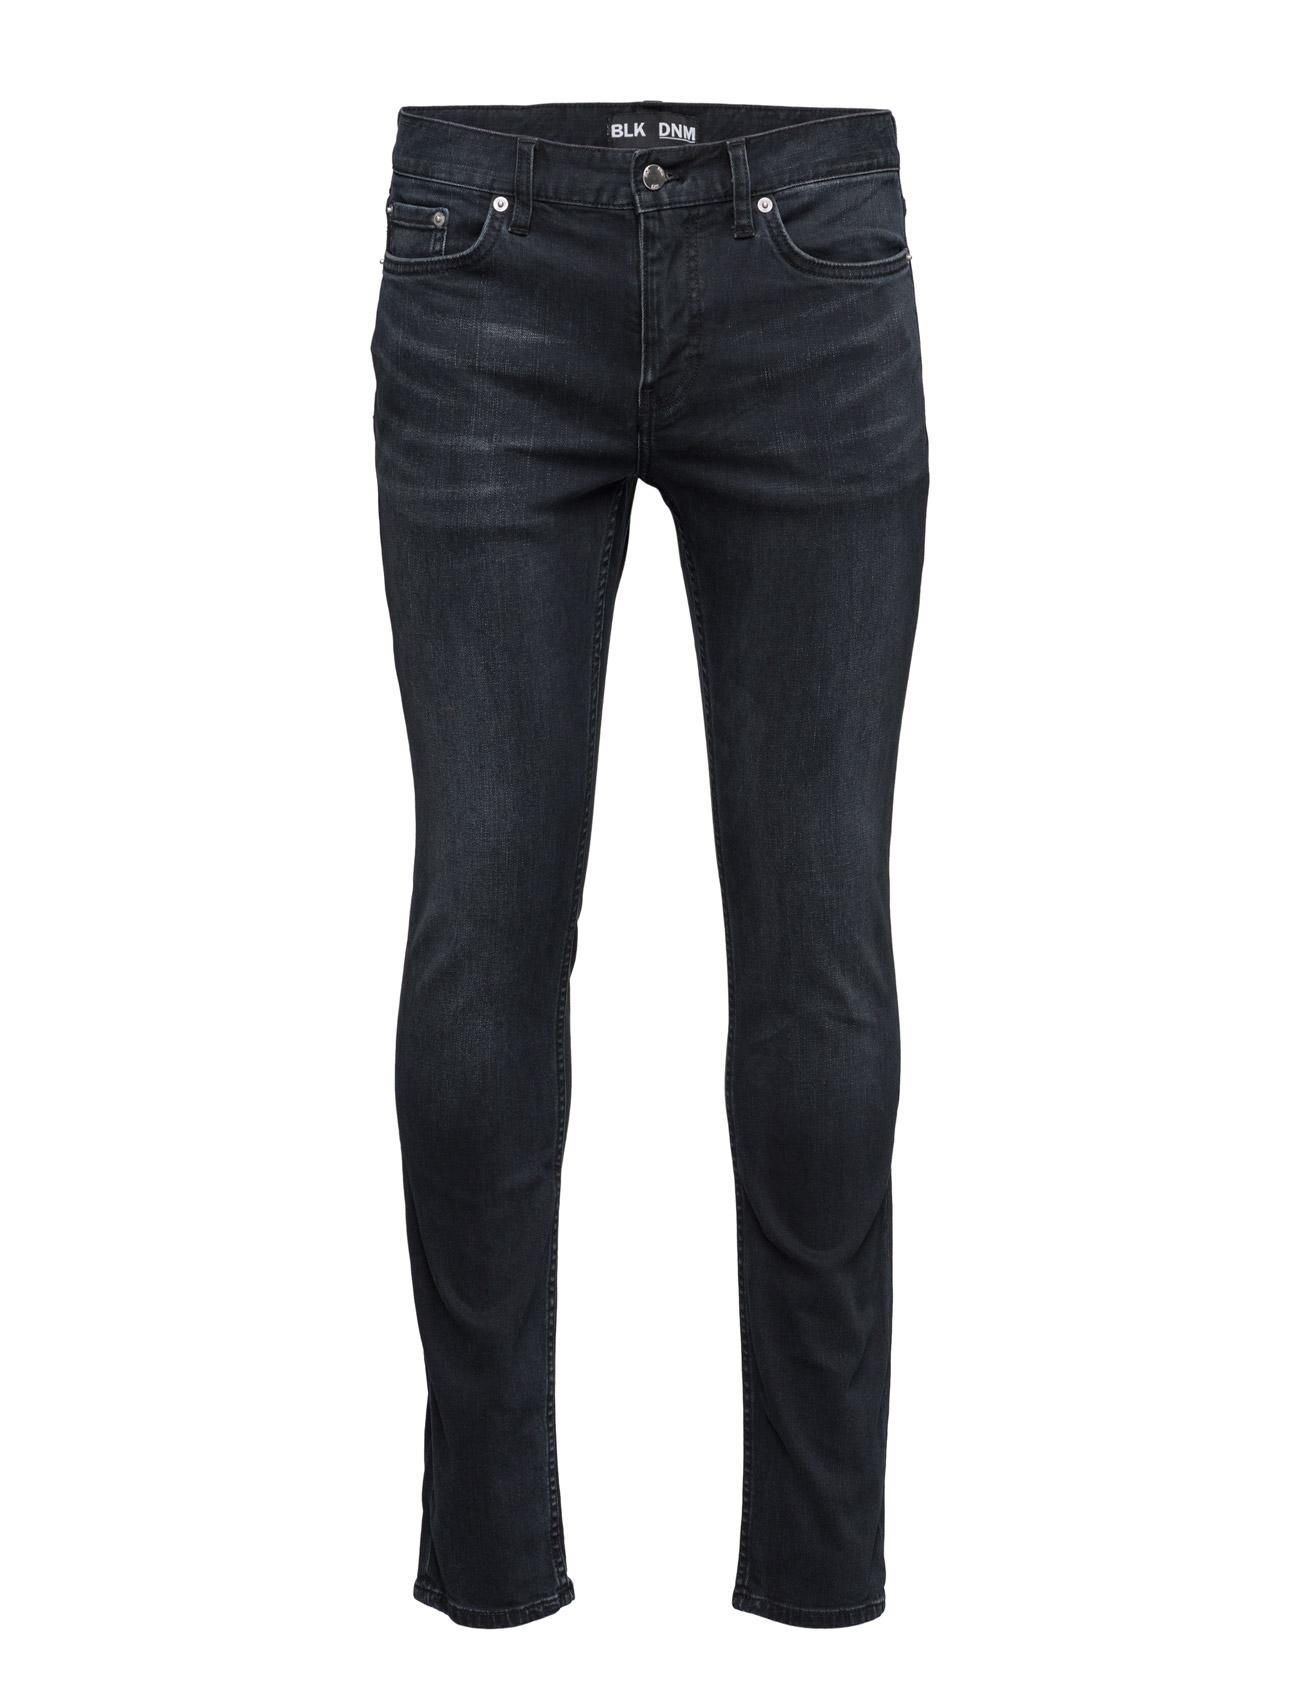 Jeans 5 BLK DNM Skinny til Herrer i